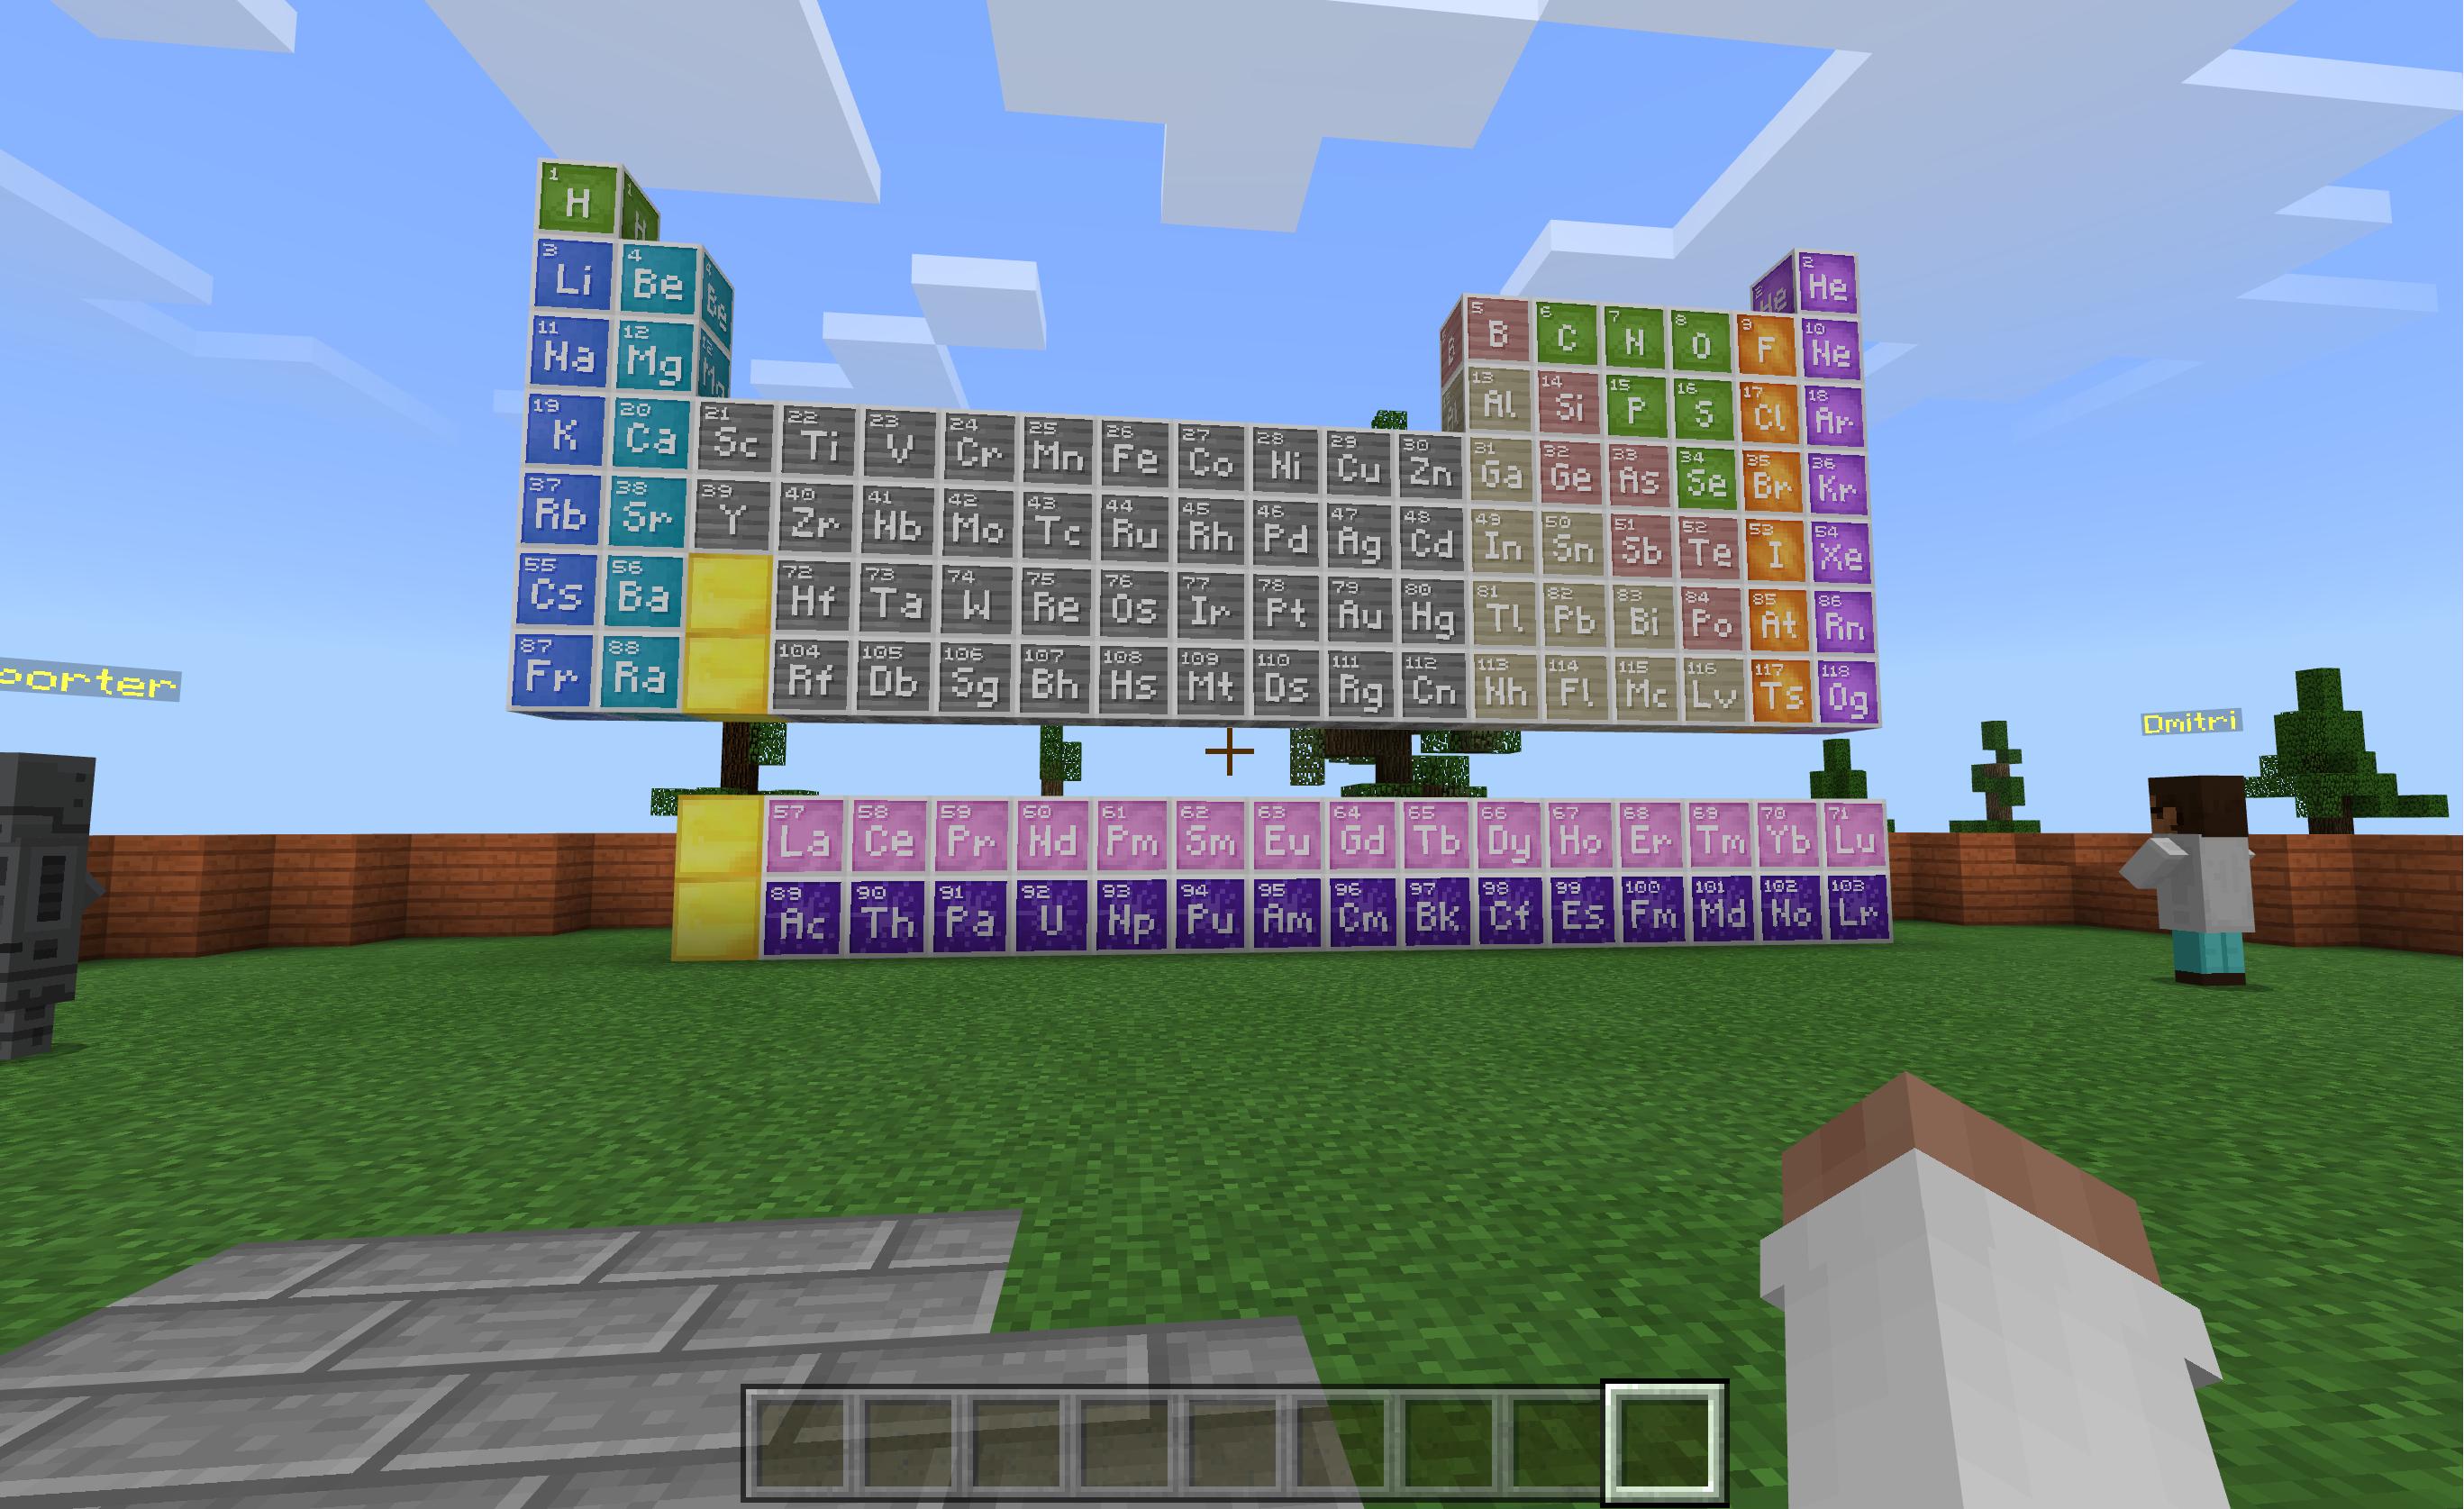 Bảng tuần hoàn các nguyên tố Hoá học được lồng ghép qua tiết học Lập trình Minecraft sẽ kích thích và giúp học sinh nhớ cũng như hiểu bài hơn